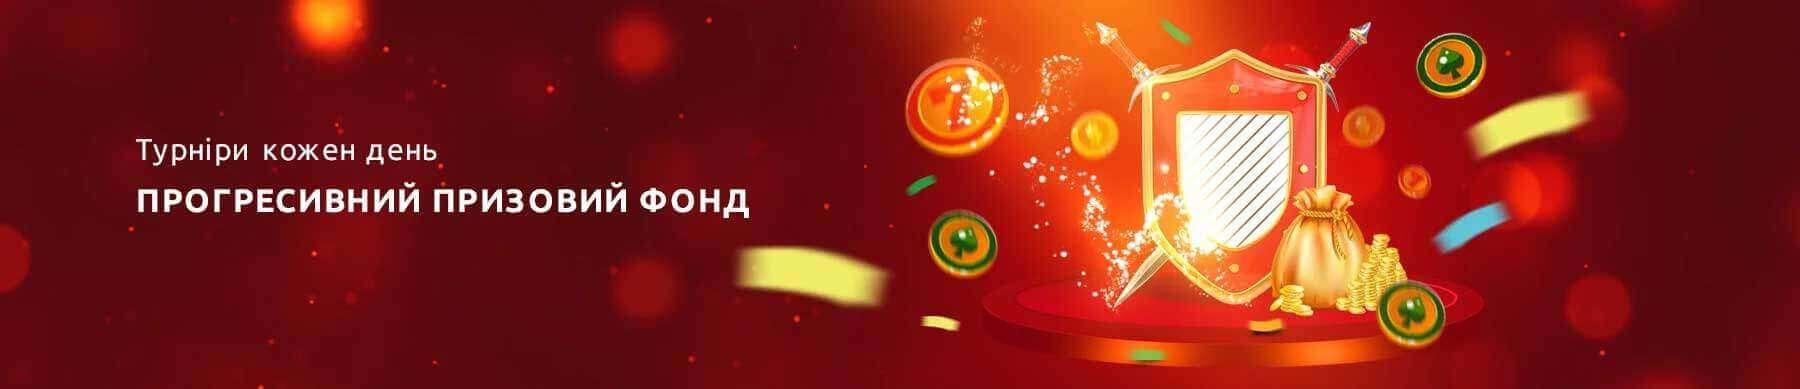 Золотой кубок ежедневные турниры в гарантированным призом за участие